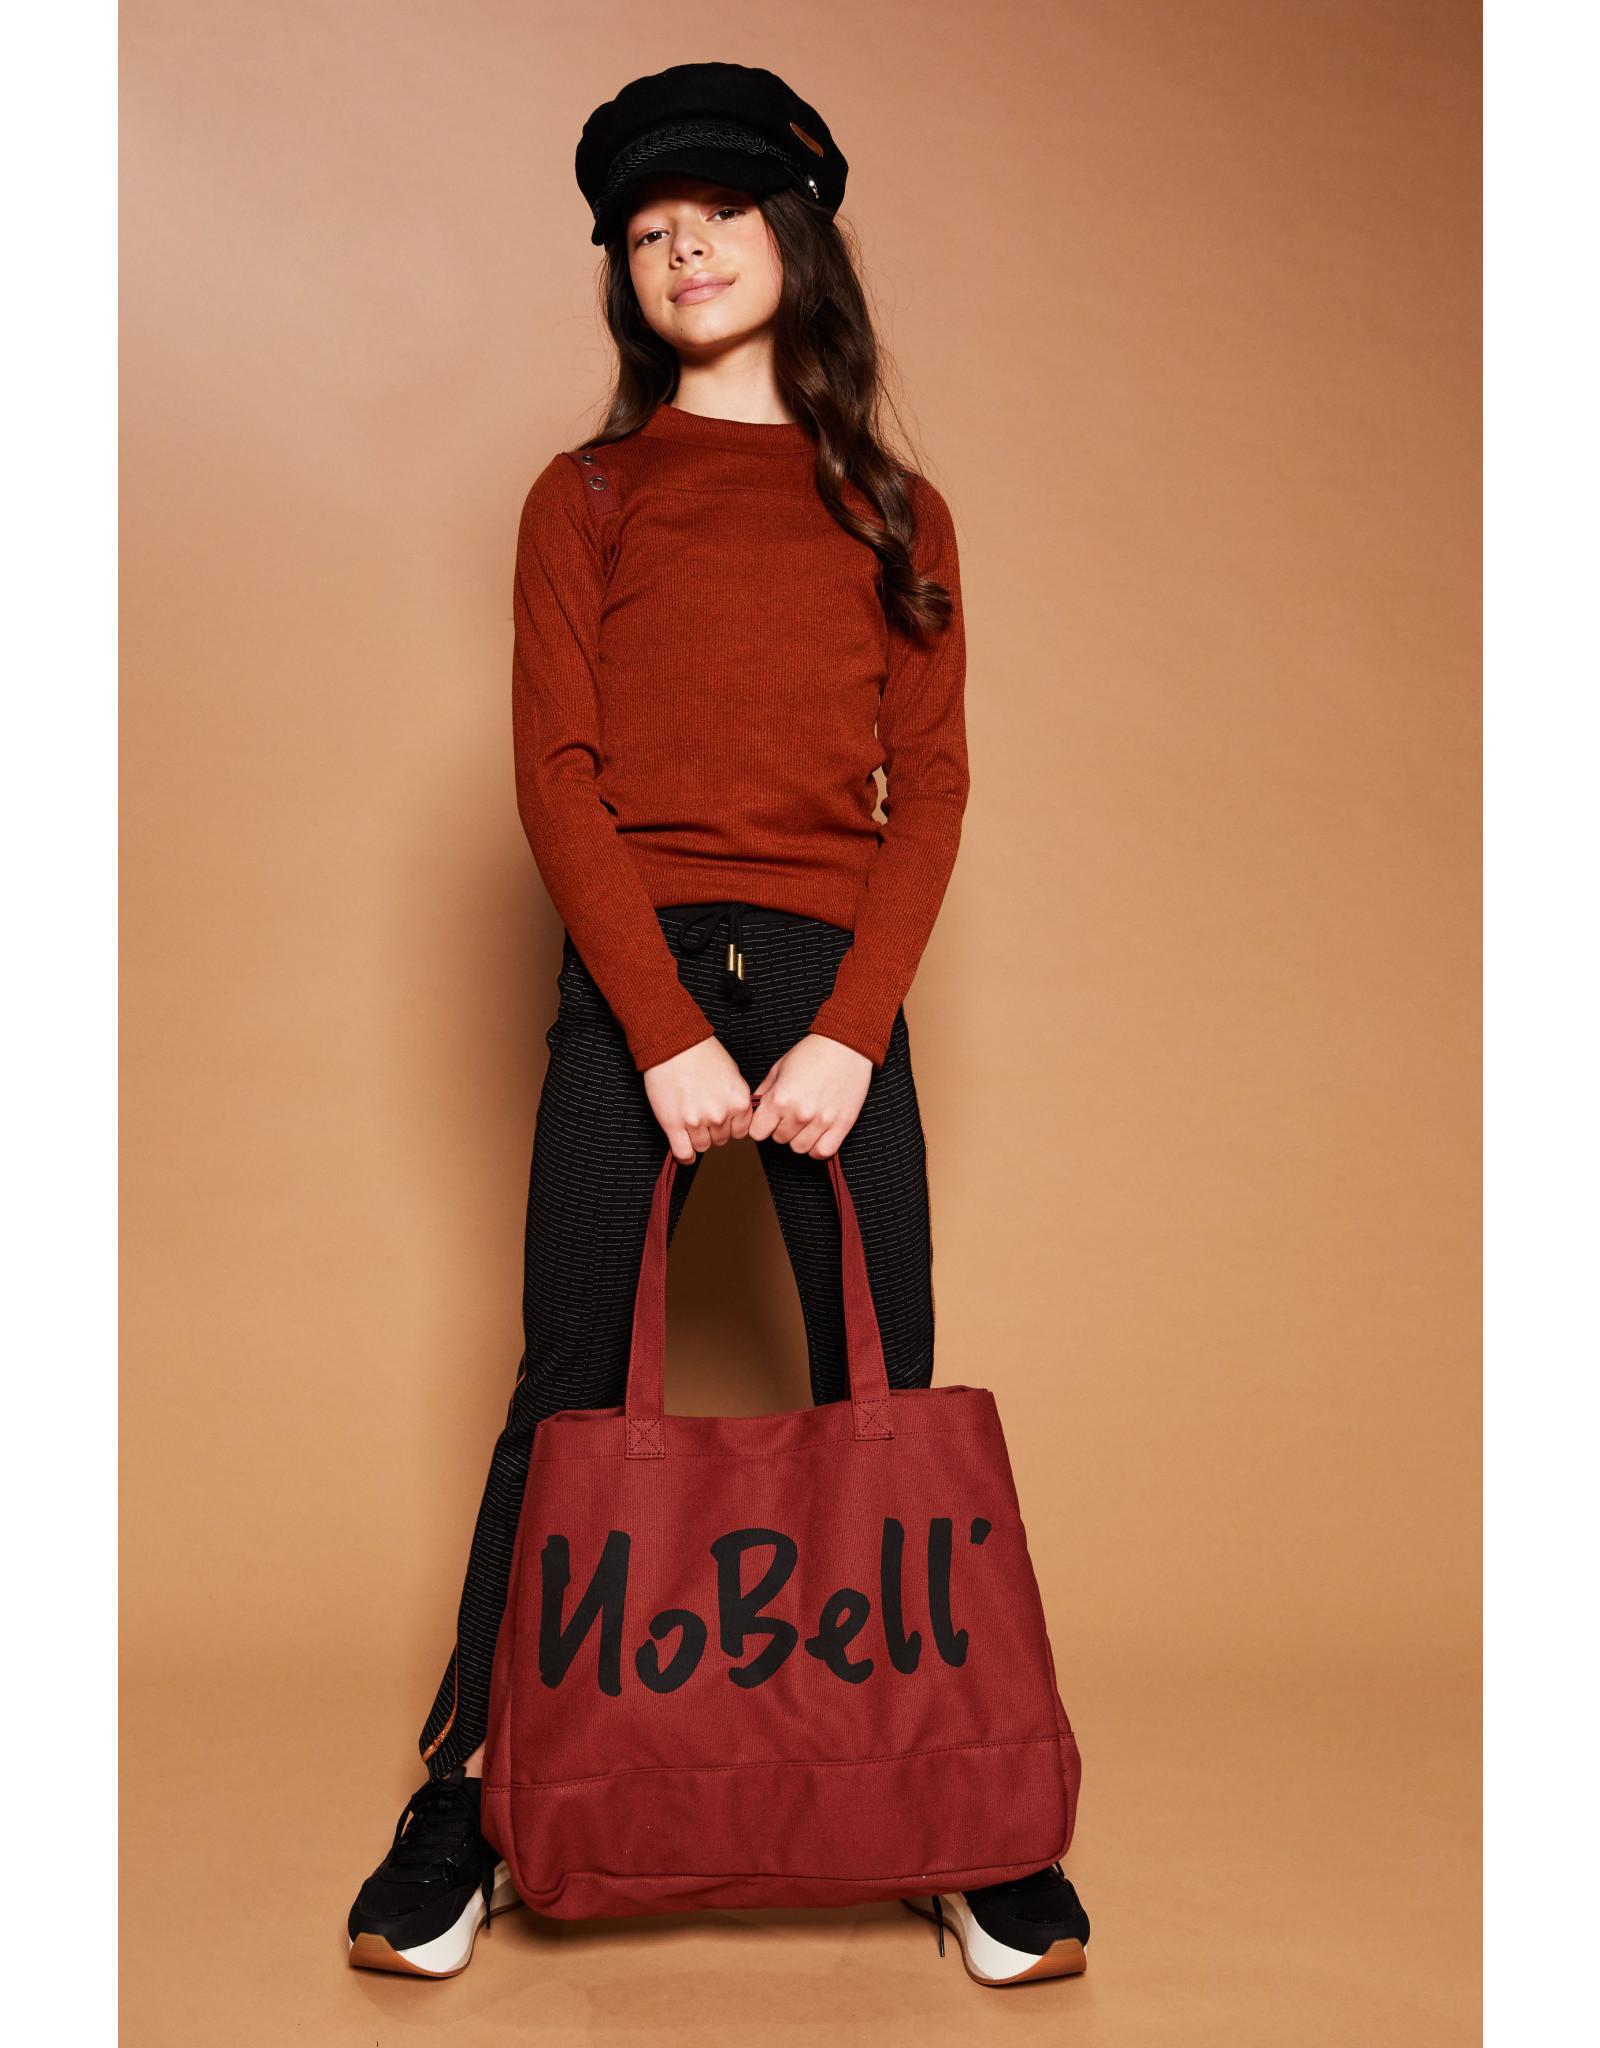 NoBell meiden shirt KimoB Chestnut